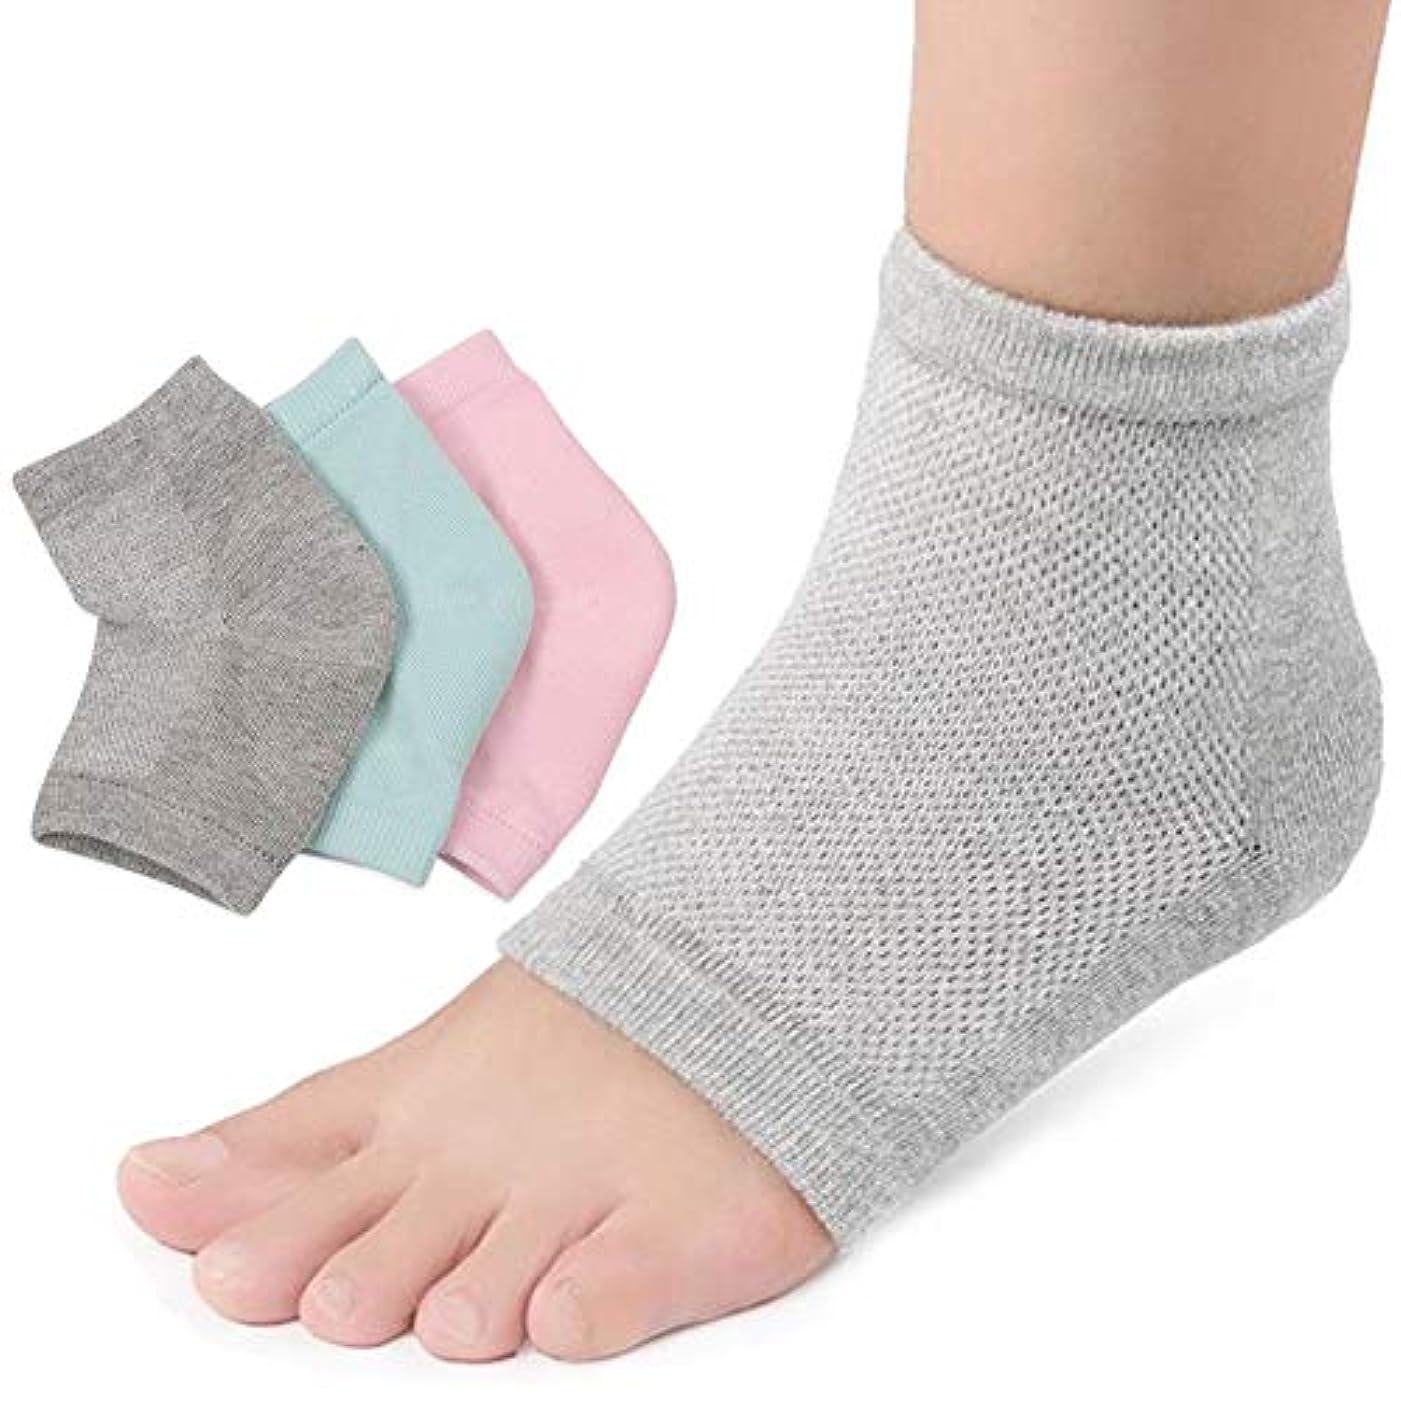 自体結婚式暴徒3足セットかかと 靴下 かかとケア つるつる ジェル 靴下 角質 ケア 保湿 美容 角質除去足ケア 男女兼用